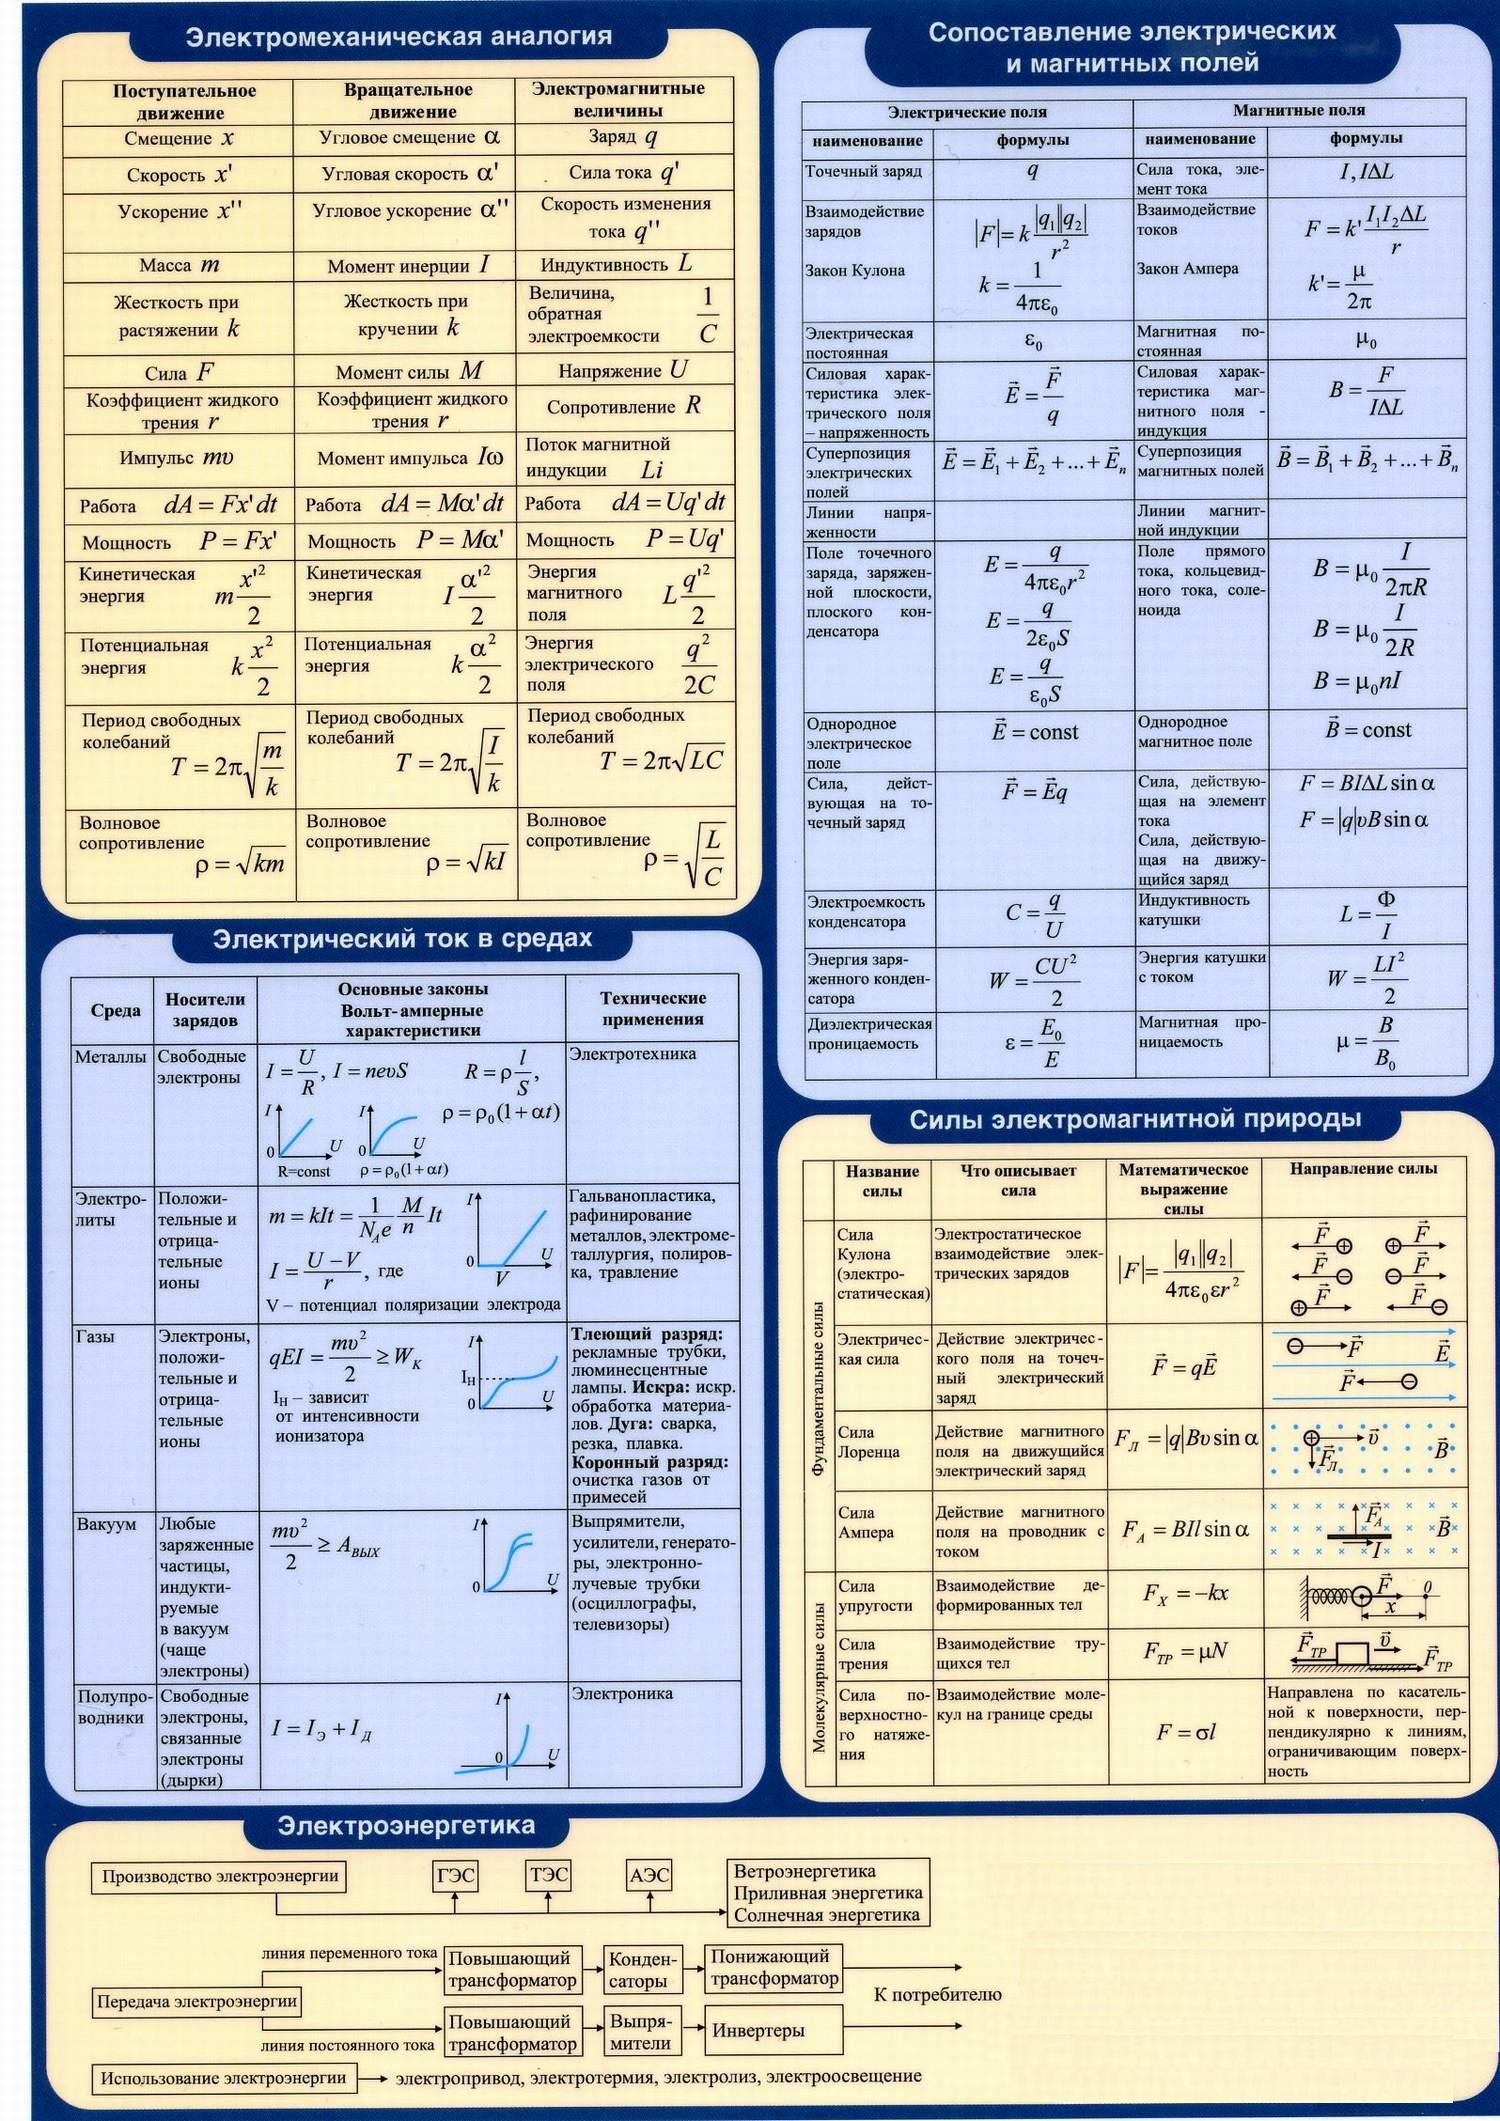 Электричество. Магнетизм. Электромеханические аналогии. Сопоставление электрических и магнитных полей. Силы электромагнитной природы. Электрический ток в средах. Электроэнергетика.